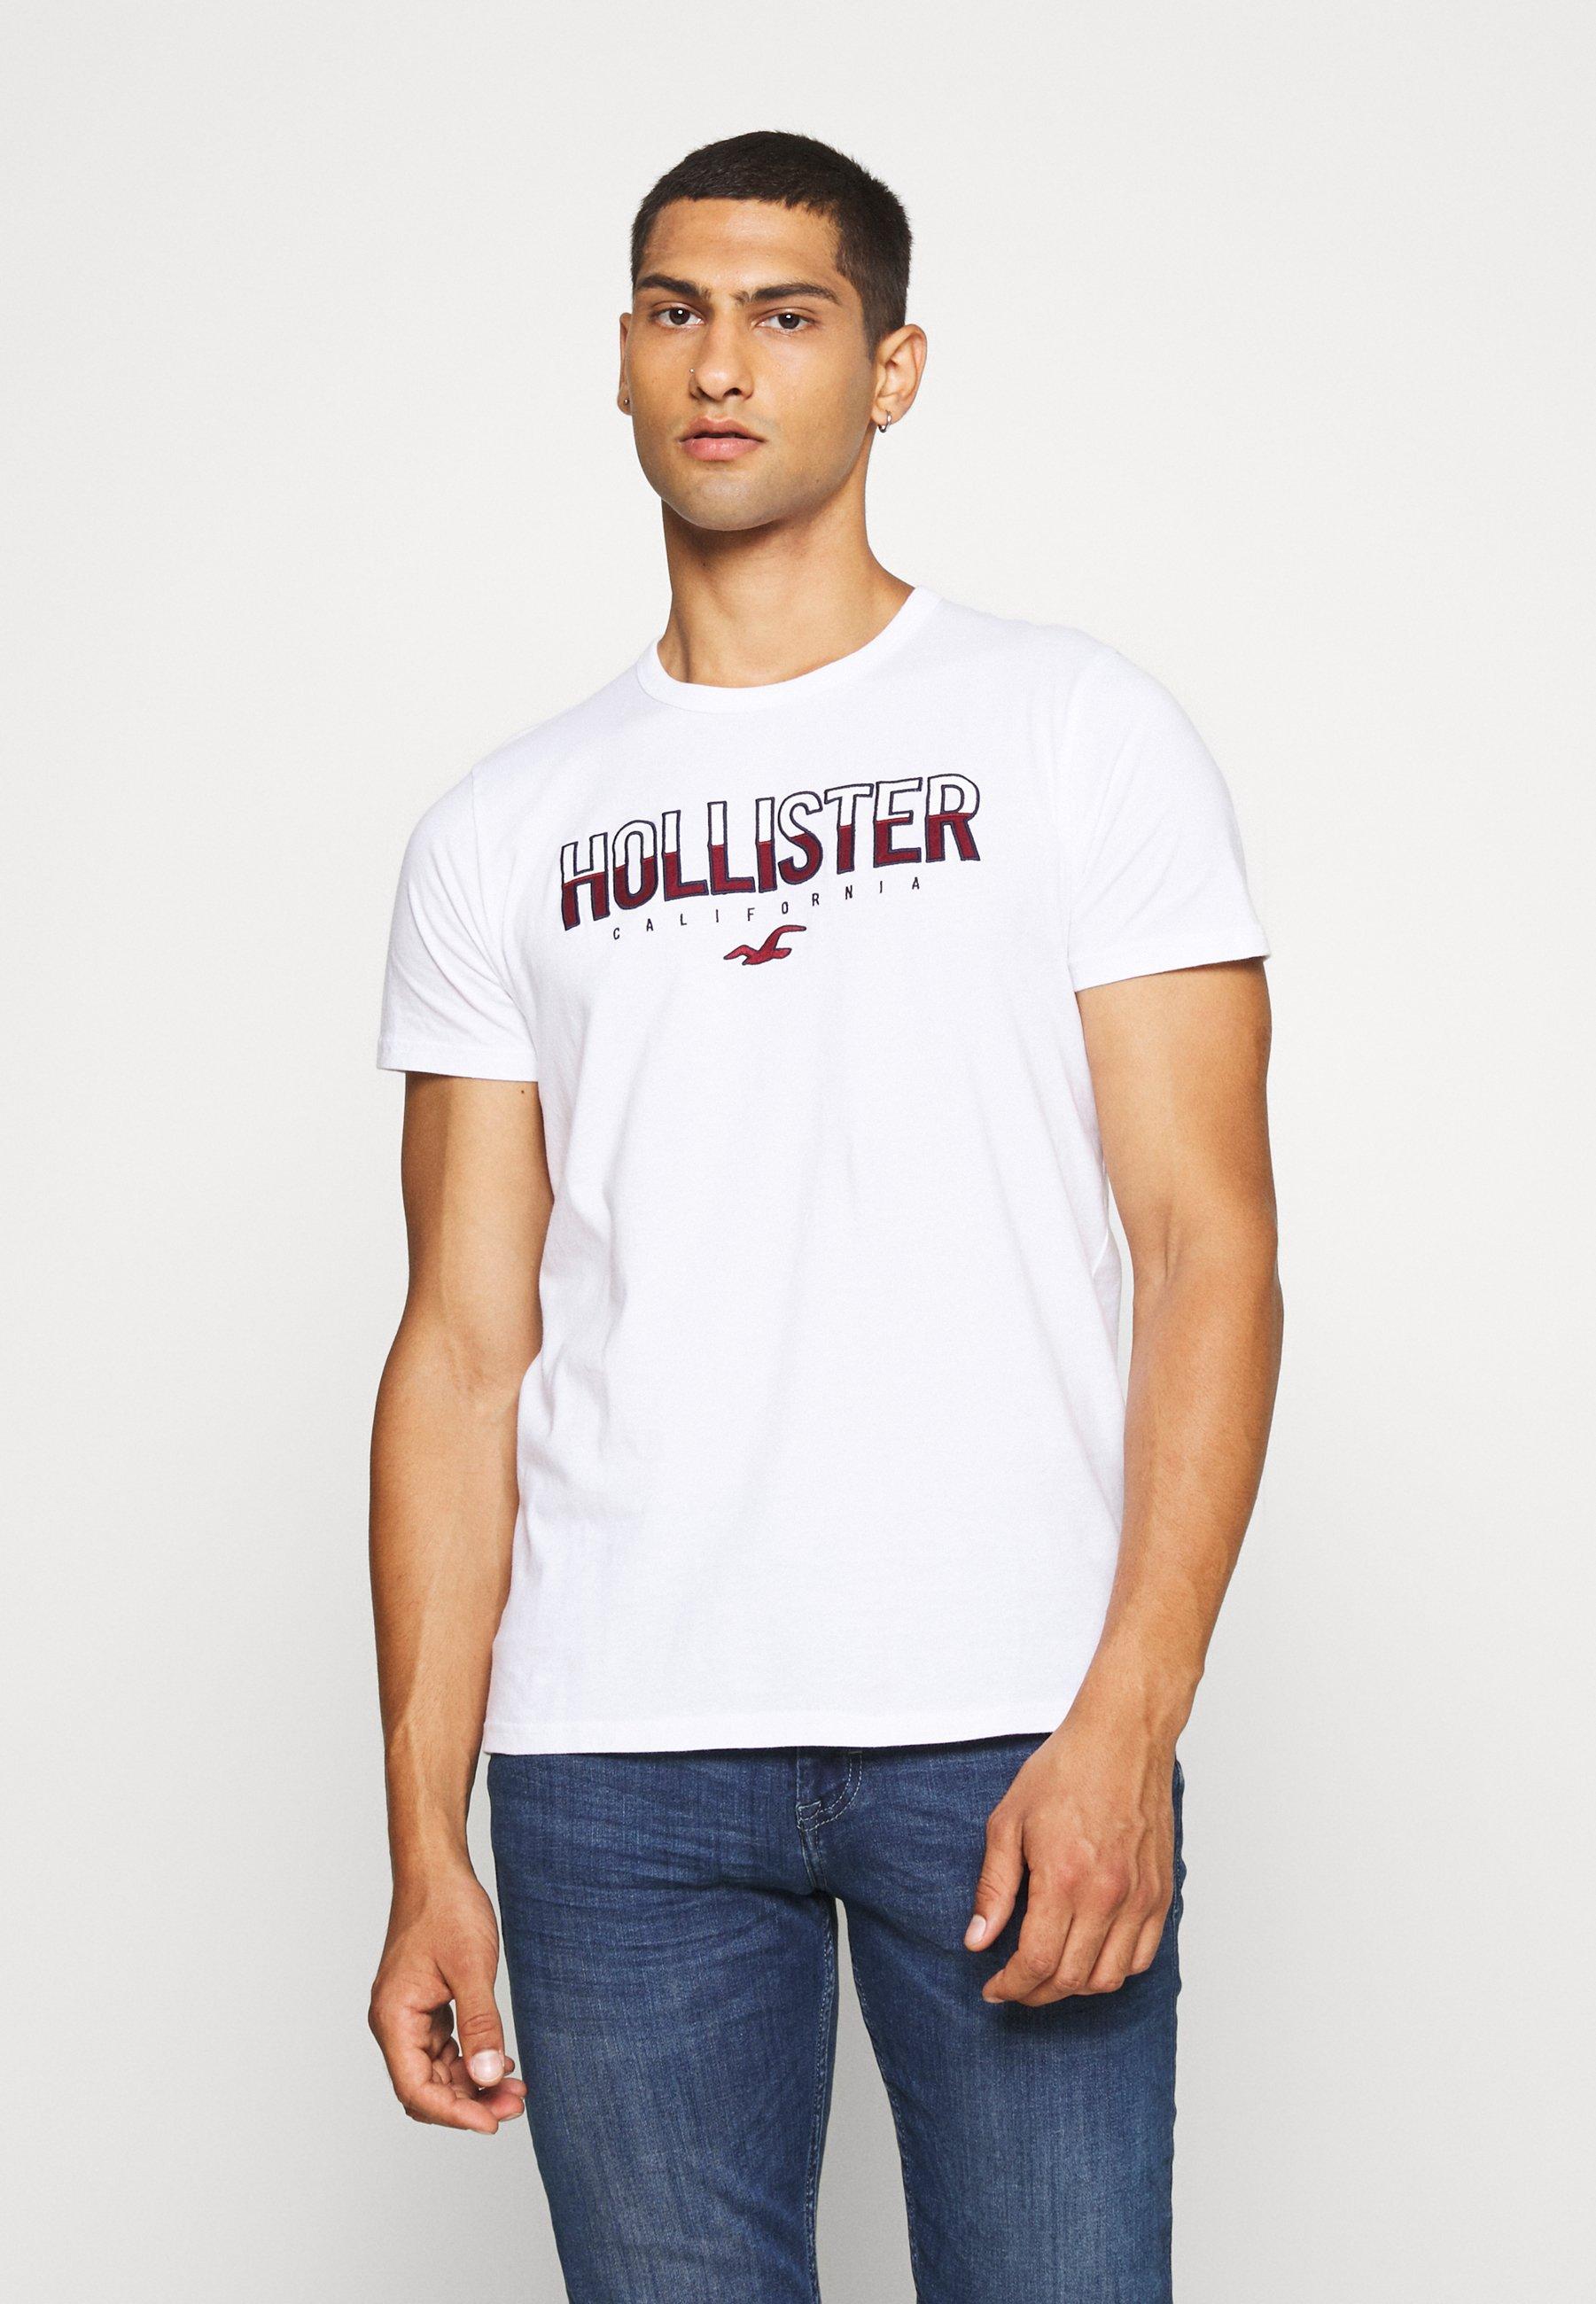 Camisetas online | Comprar colección de hombre en Zalando